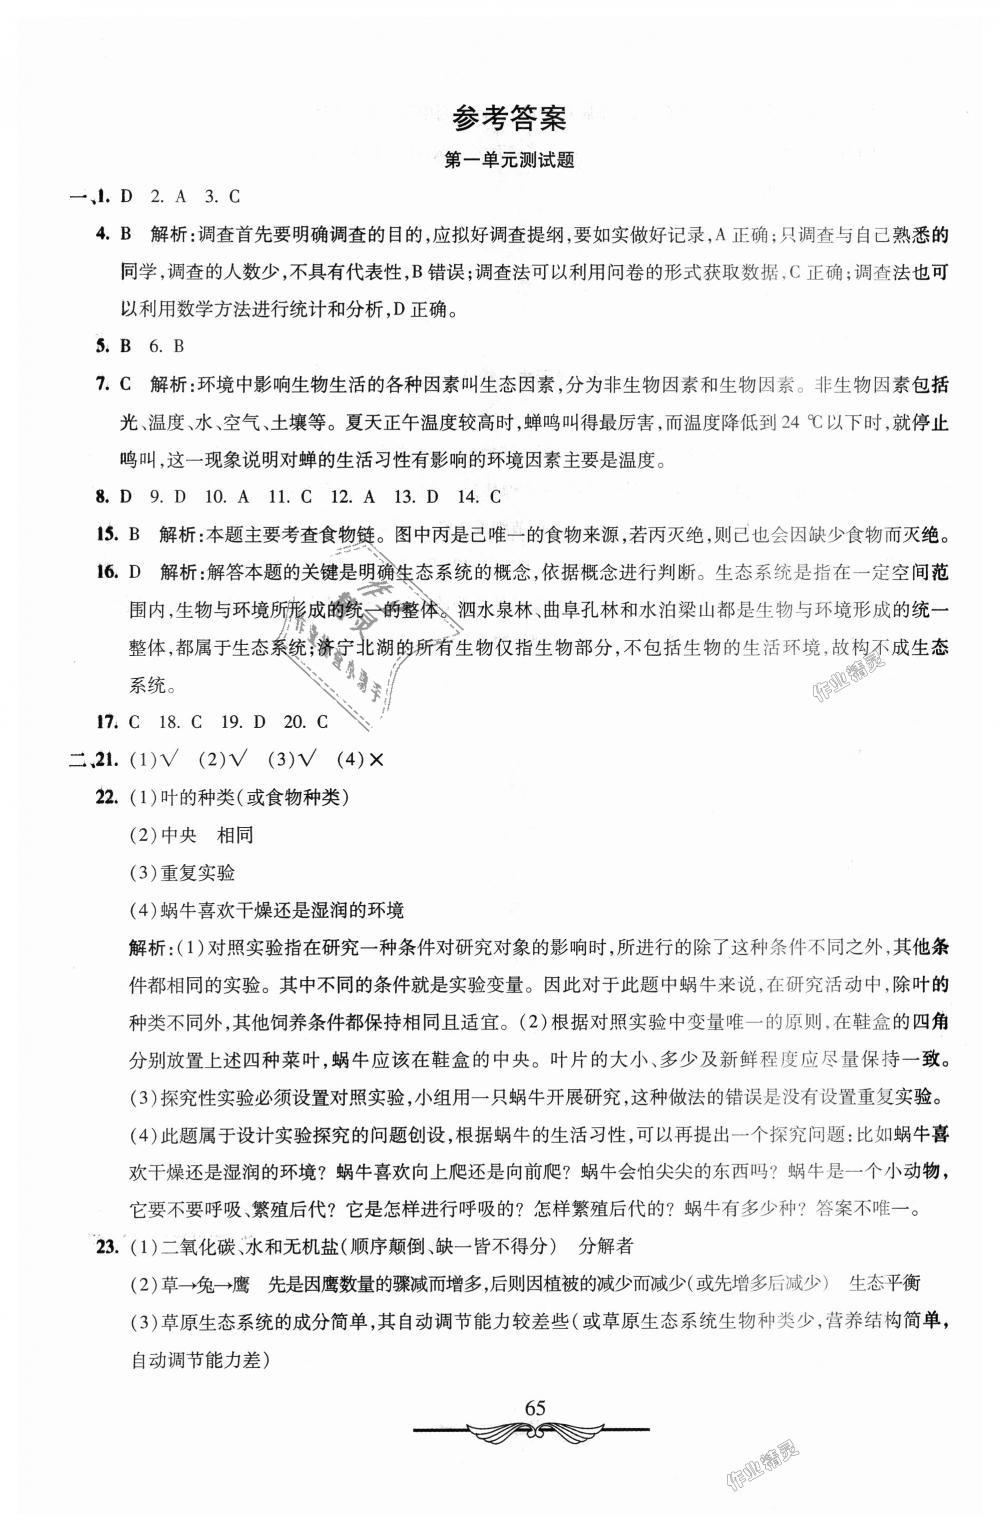 宝岛所有征文v宝岛卷七年代年级初中版夺冠生物单元心中人教我台湾初中在图片